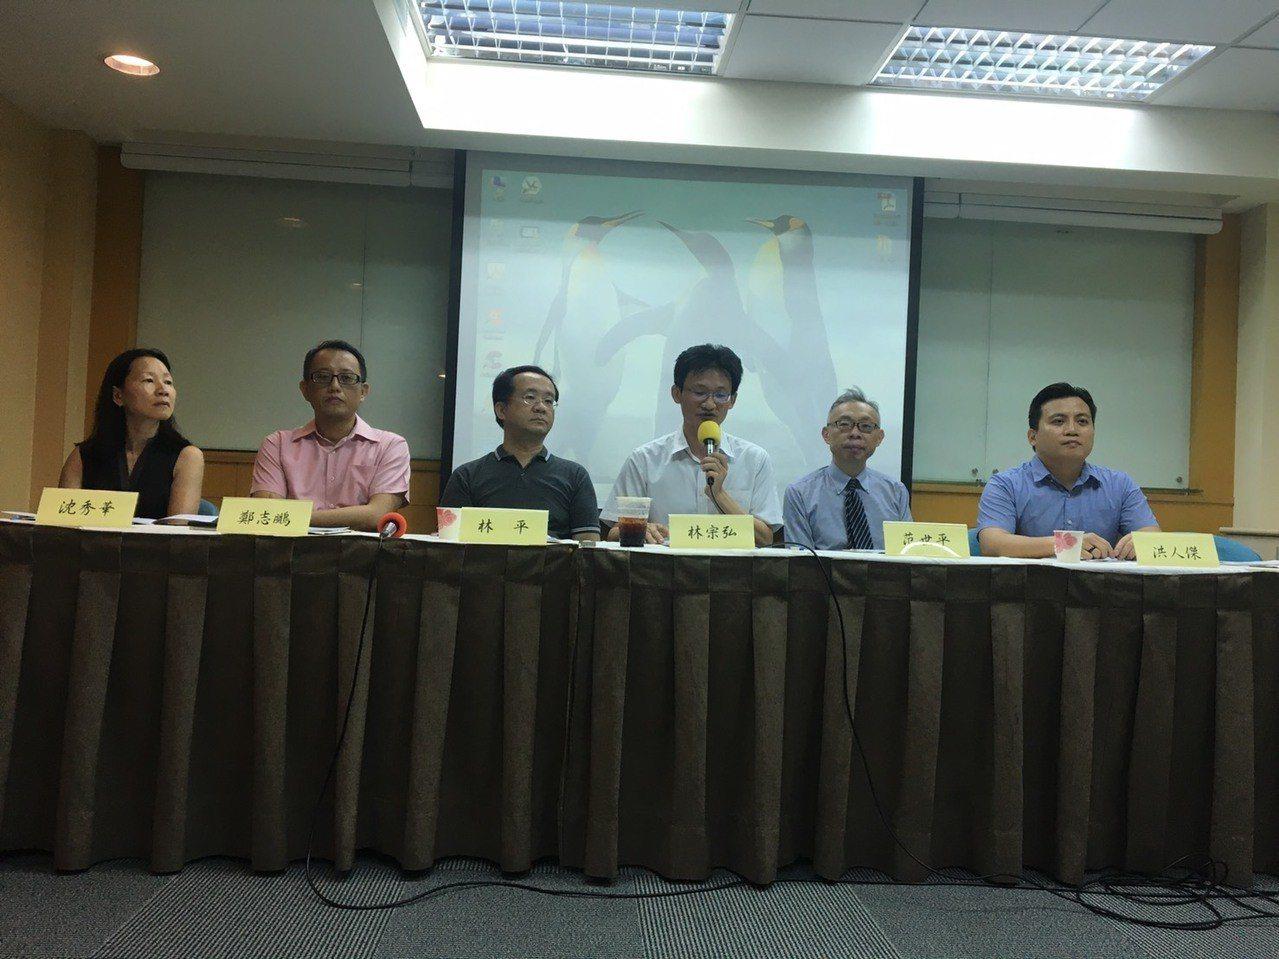 清華大學當代中國研究中心今舉辦「近期中國大陸內外情勢對國人赴陸求學發展影響」座談...